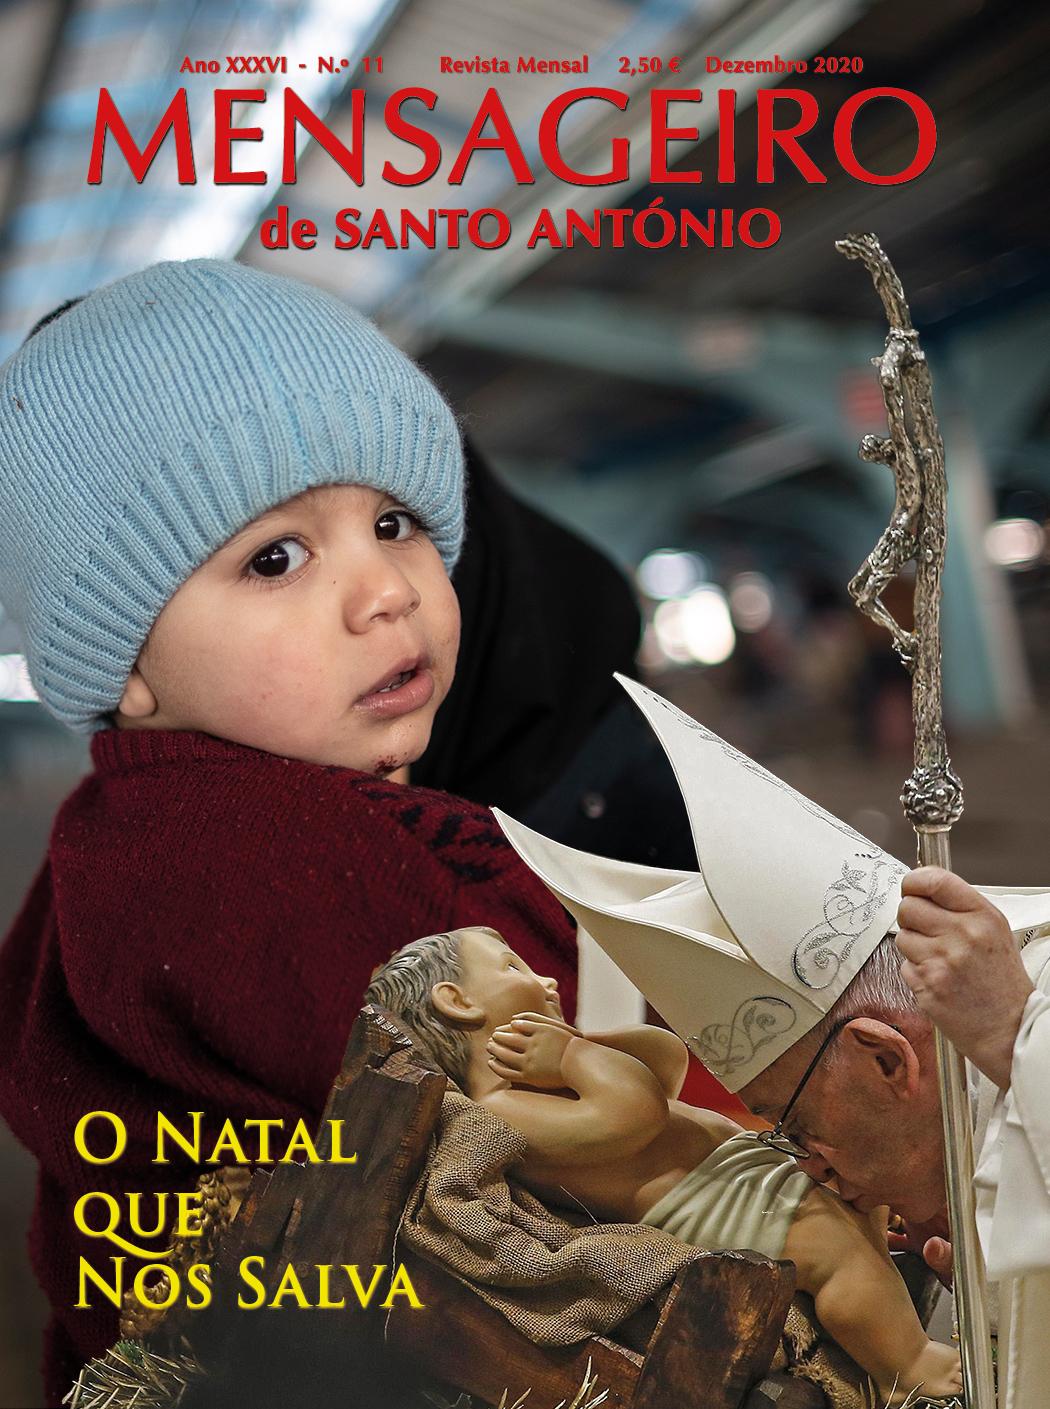 Mensageiro de Santo António - Edição de dezembro 2020